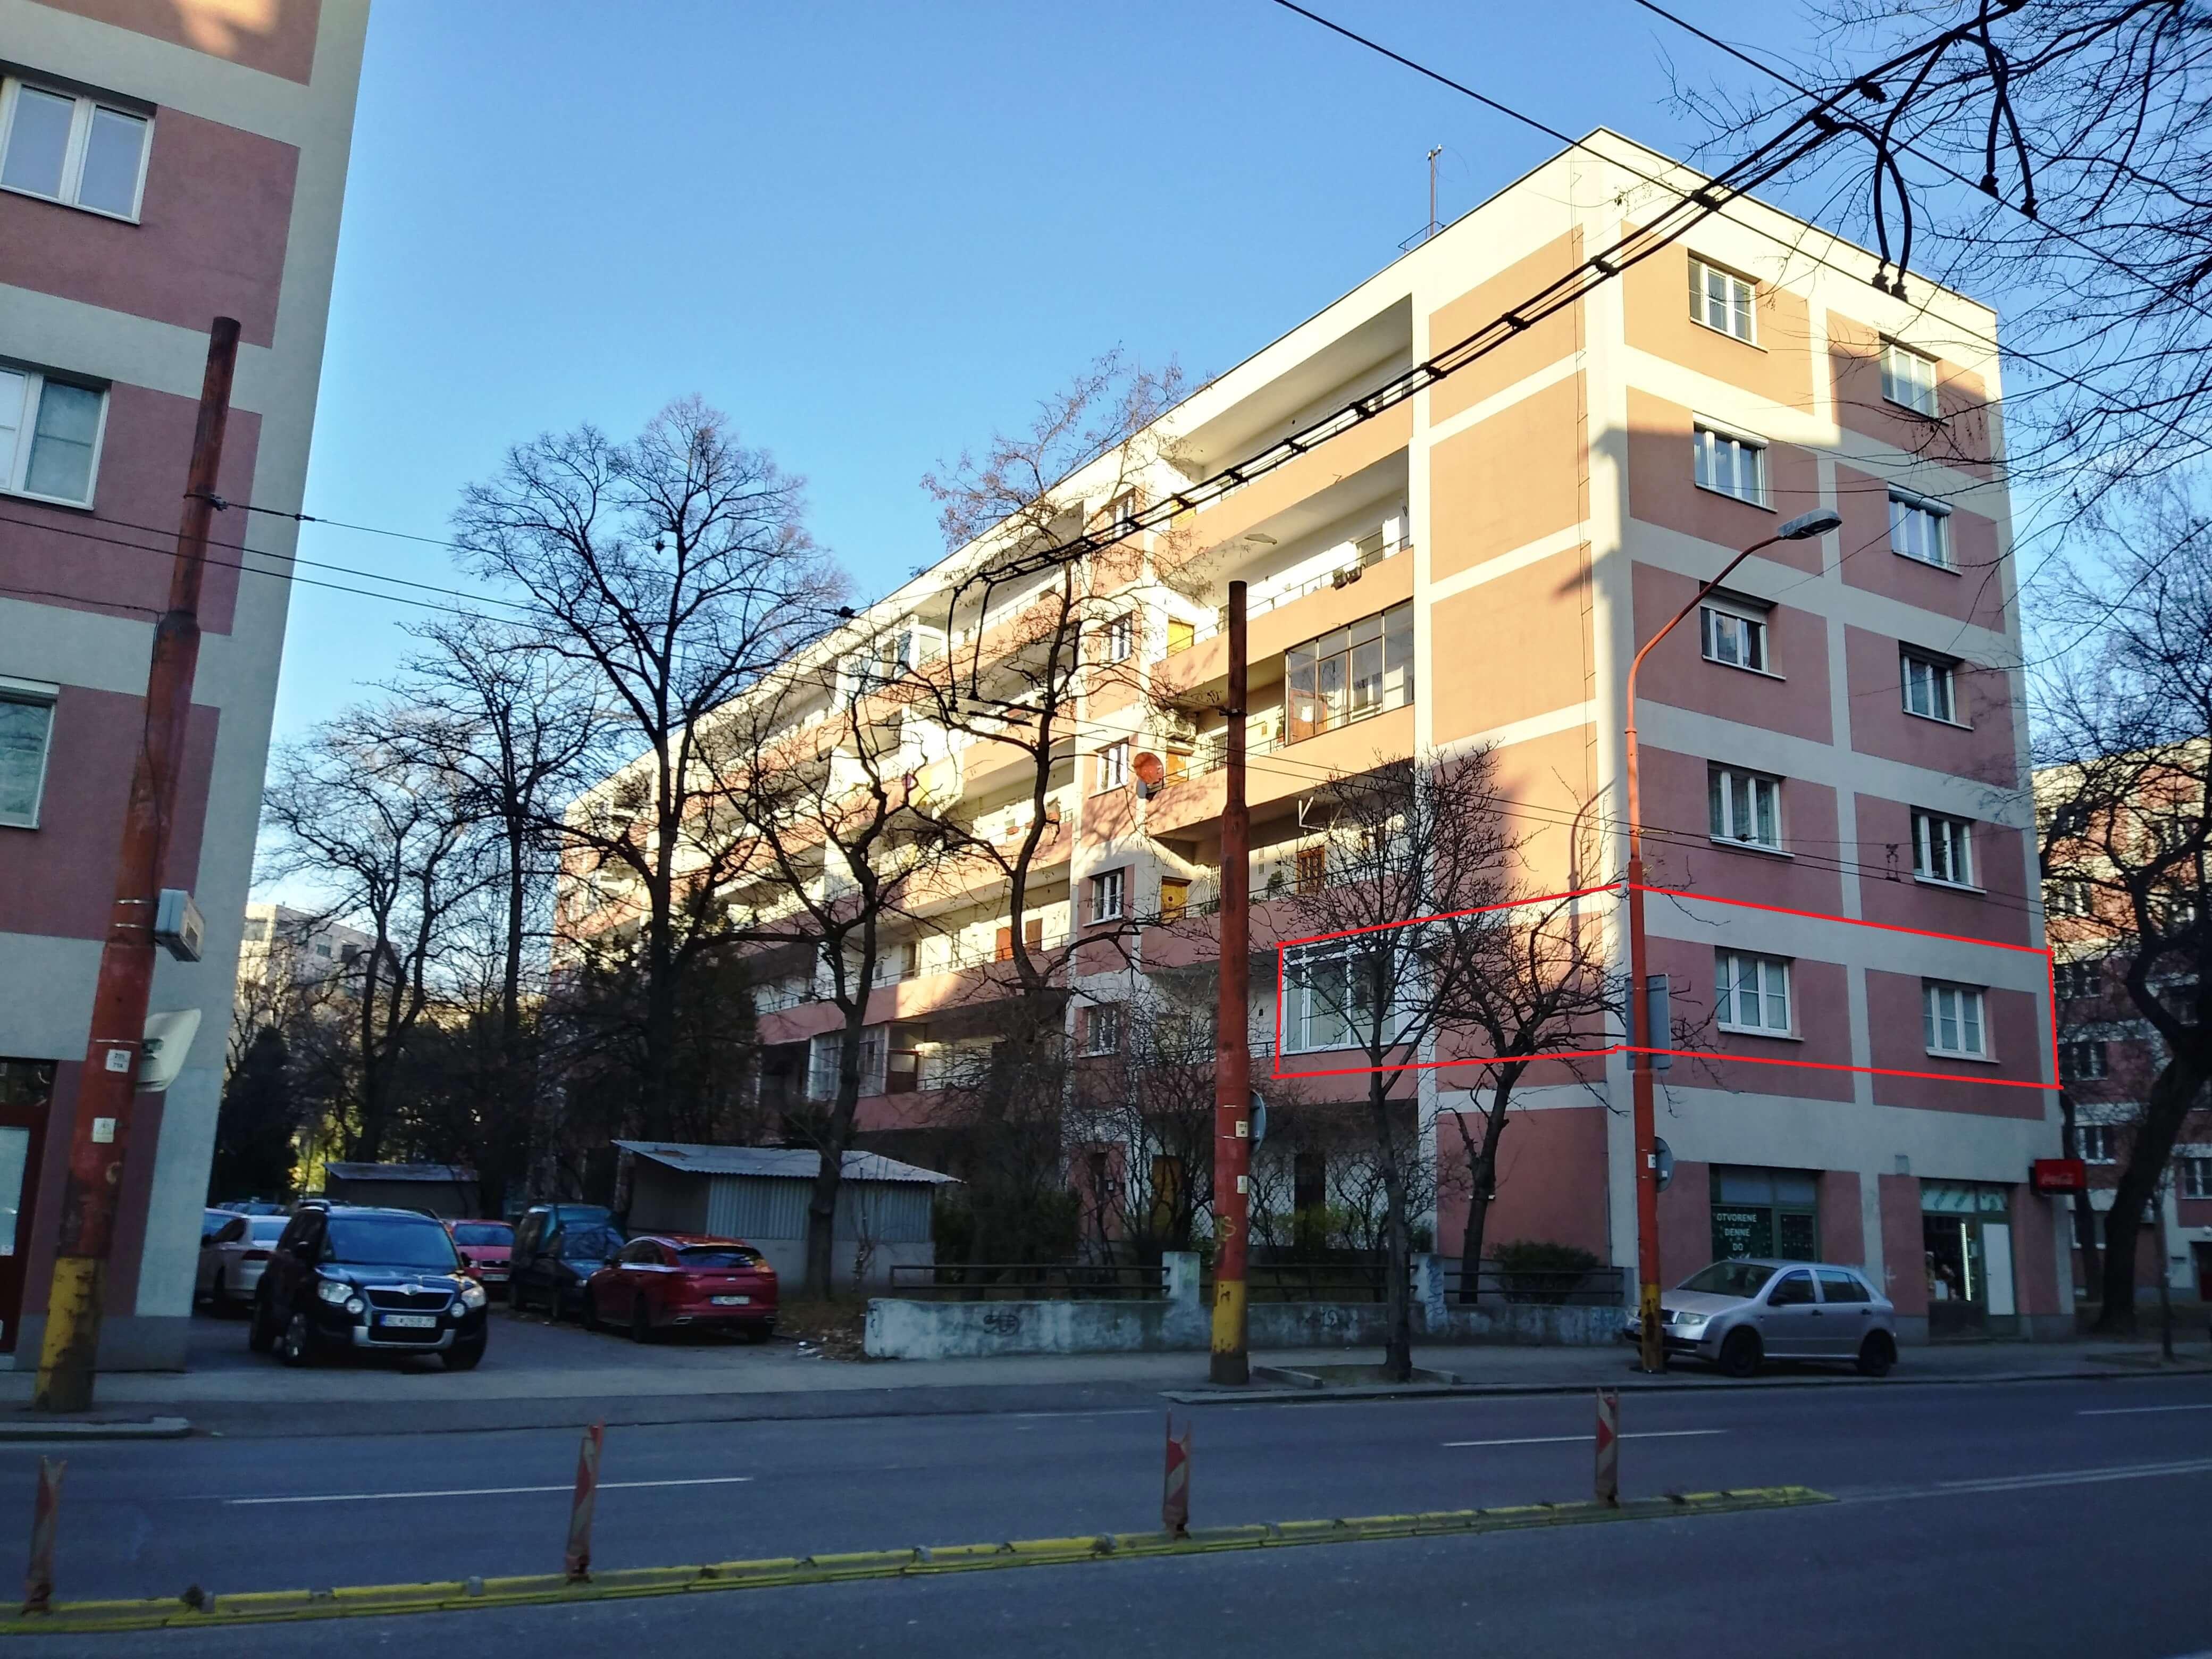 Prenájom jednej izby v 2 izb. byte, staré mesto, Šancová ulica, Bratislava, 80m2, zariadený-33